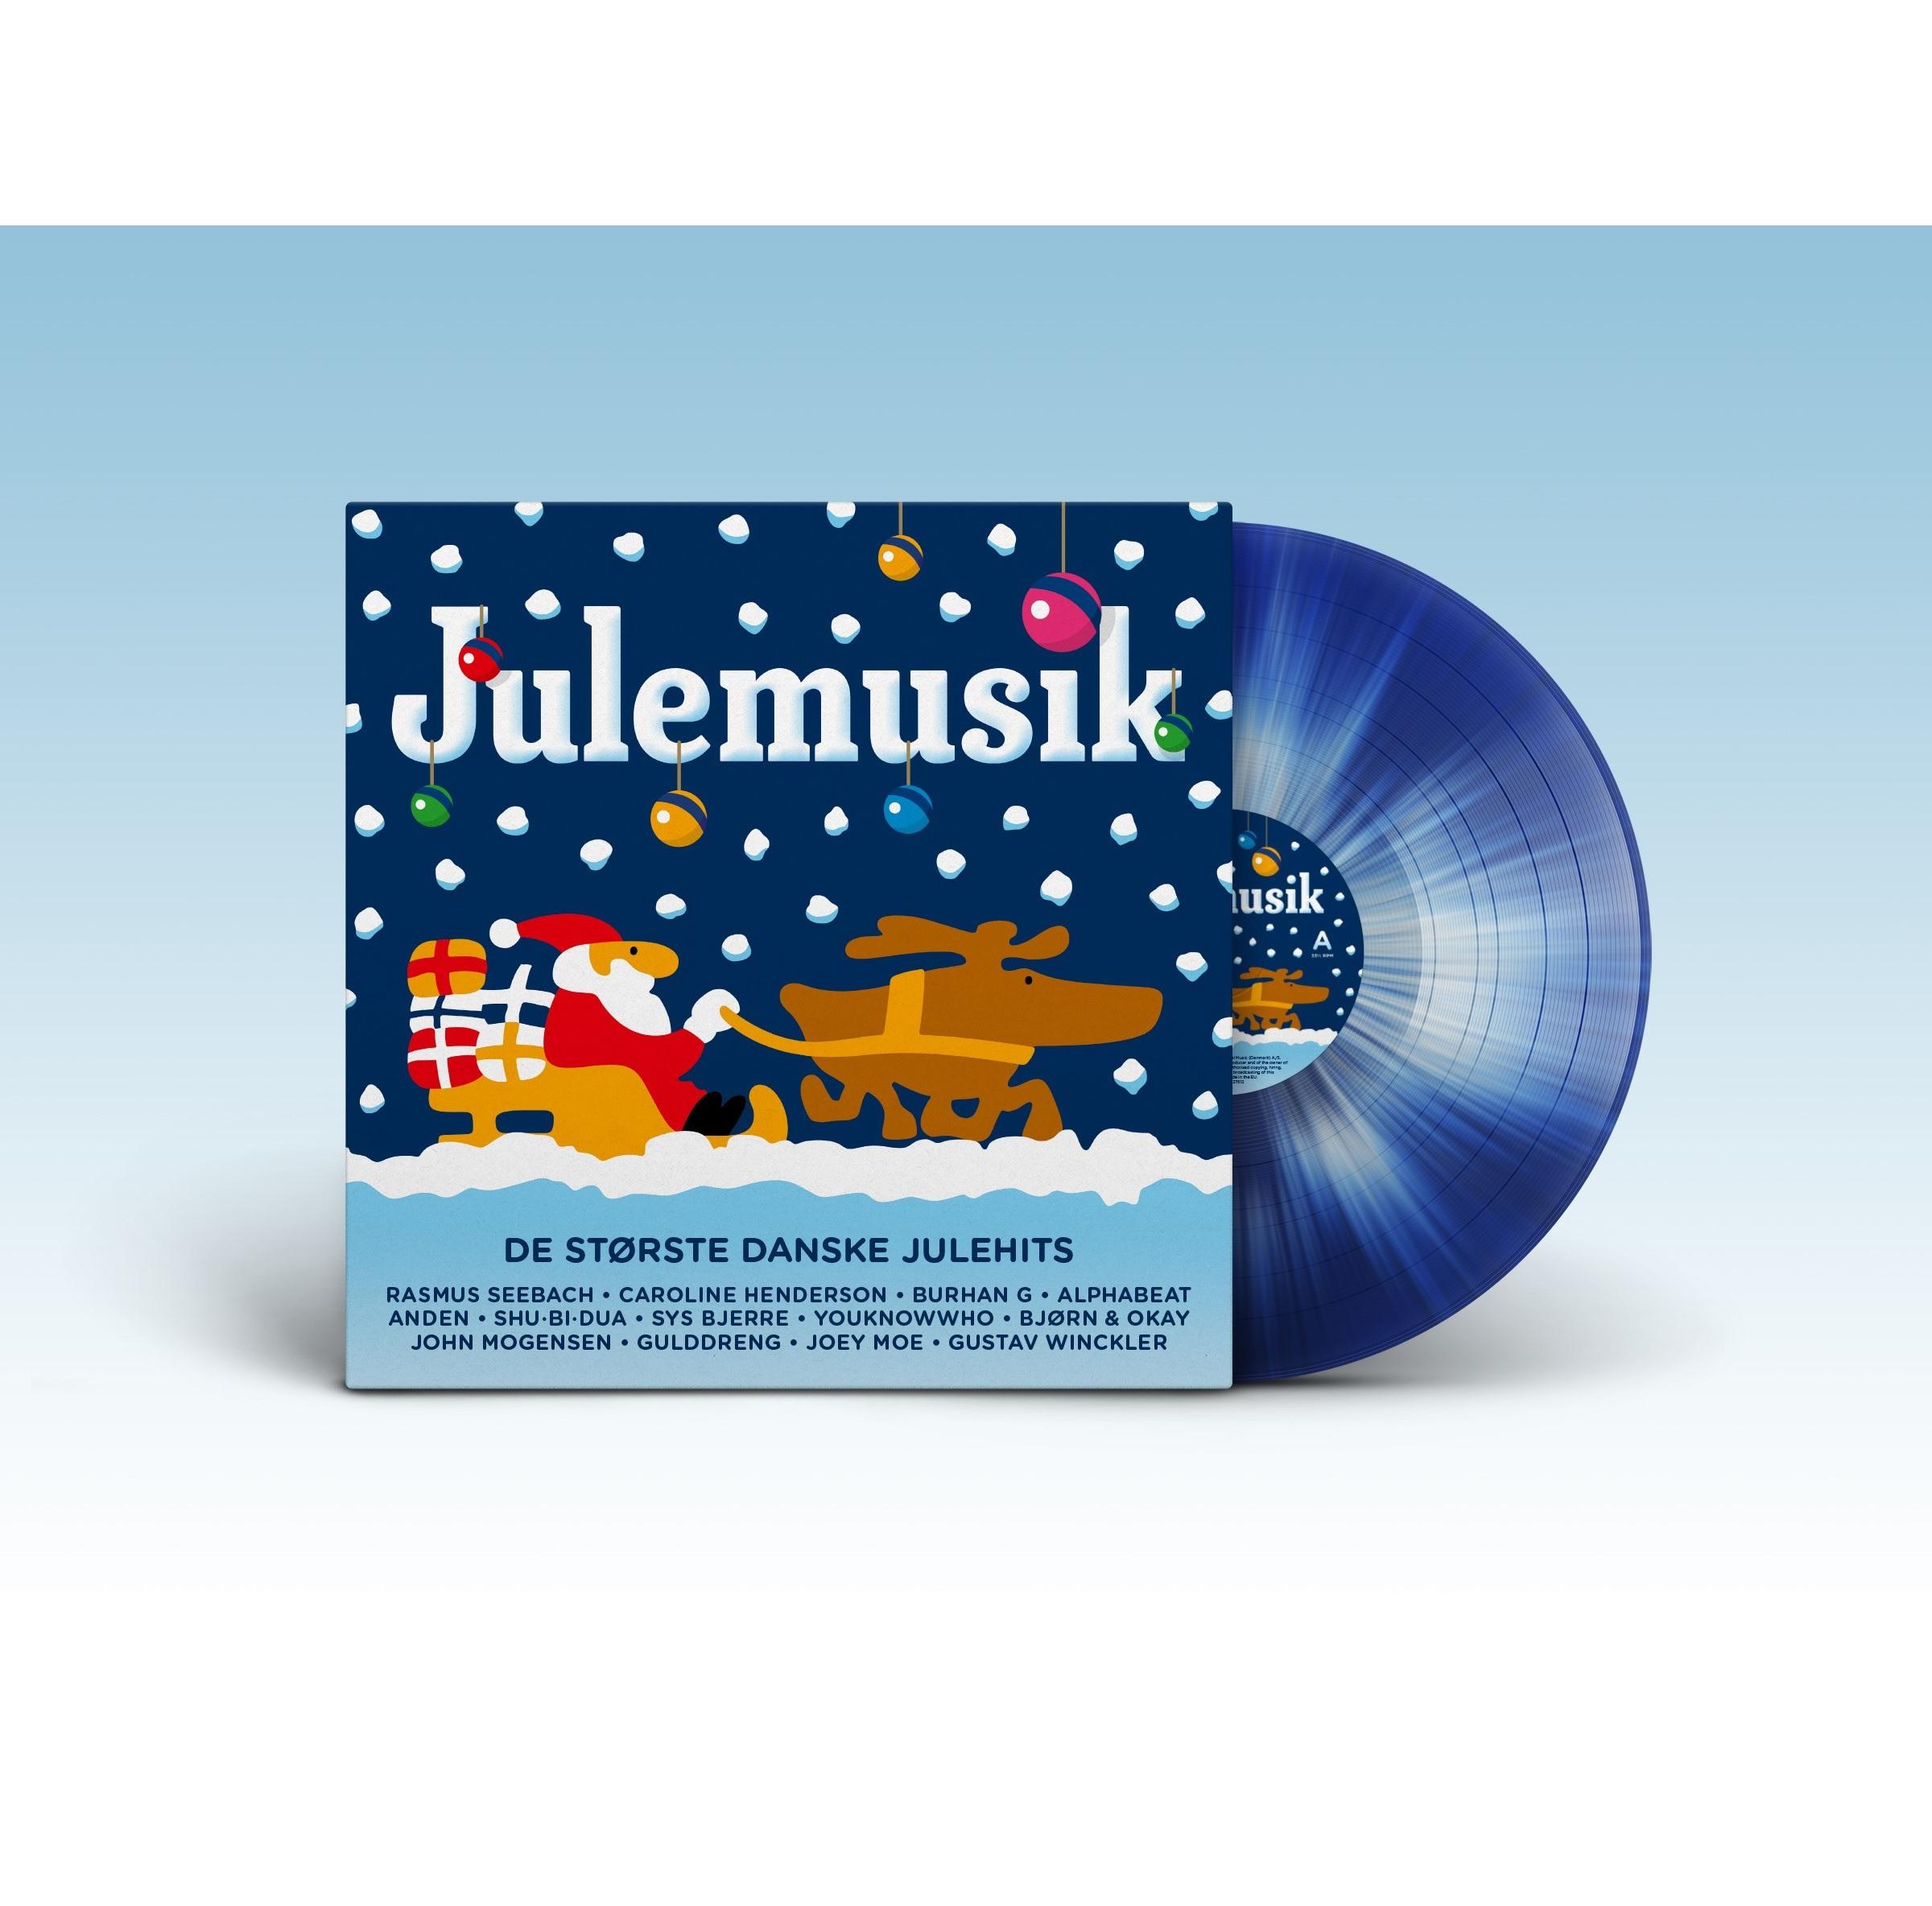 Julemusik 2019 (Blå-hvid Vinyl) - V/A - Musik -  - 0602508276125 - 8. november 2019